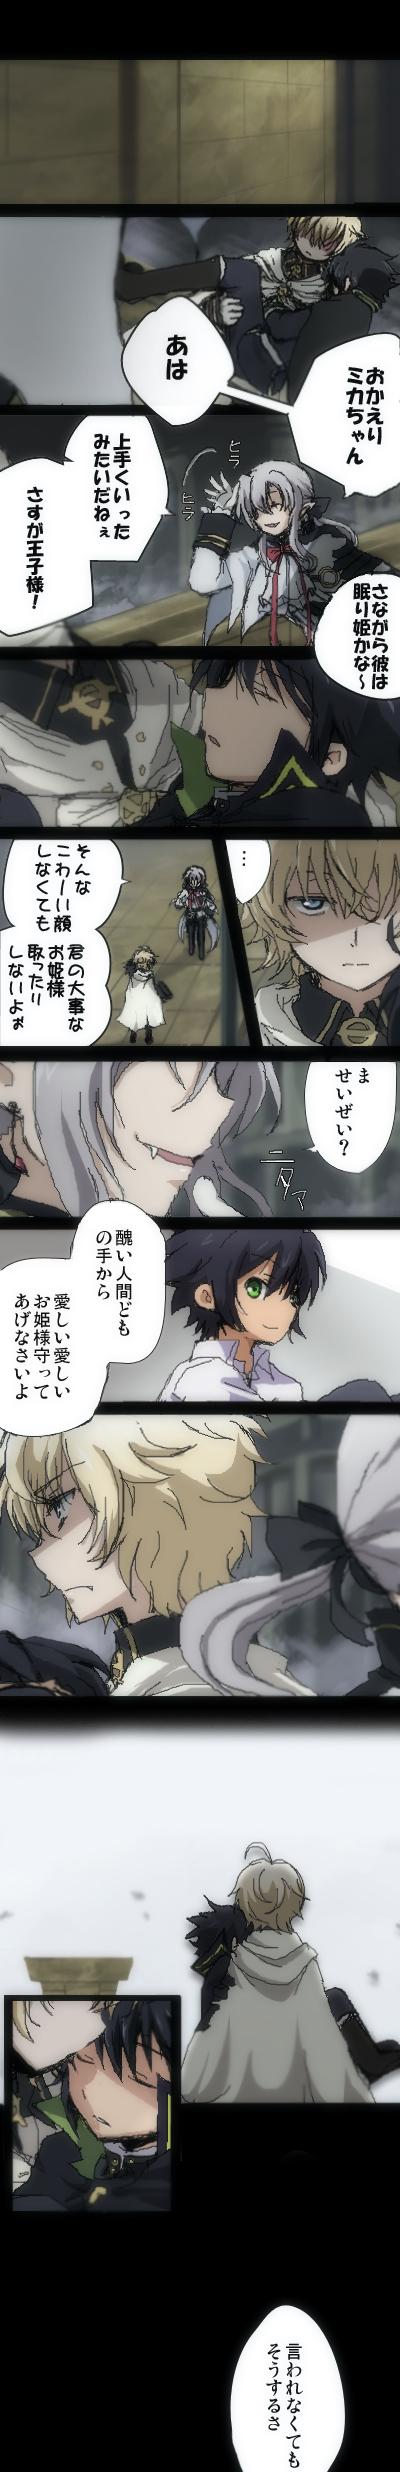 Owari no Seraph-Mika, Yu, and Ferid CAN SOMEONE PLEASE TRANSLATE??!!